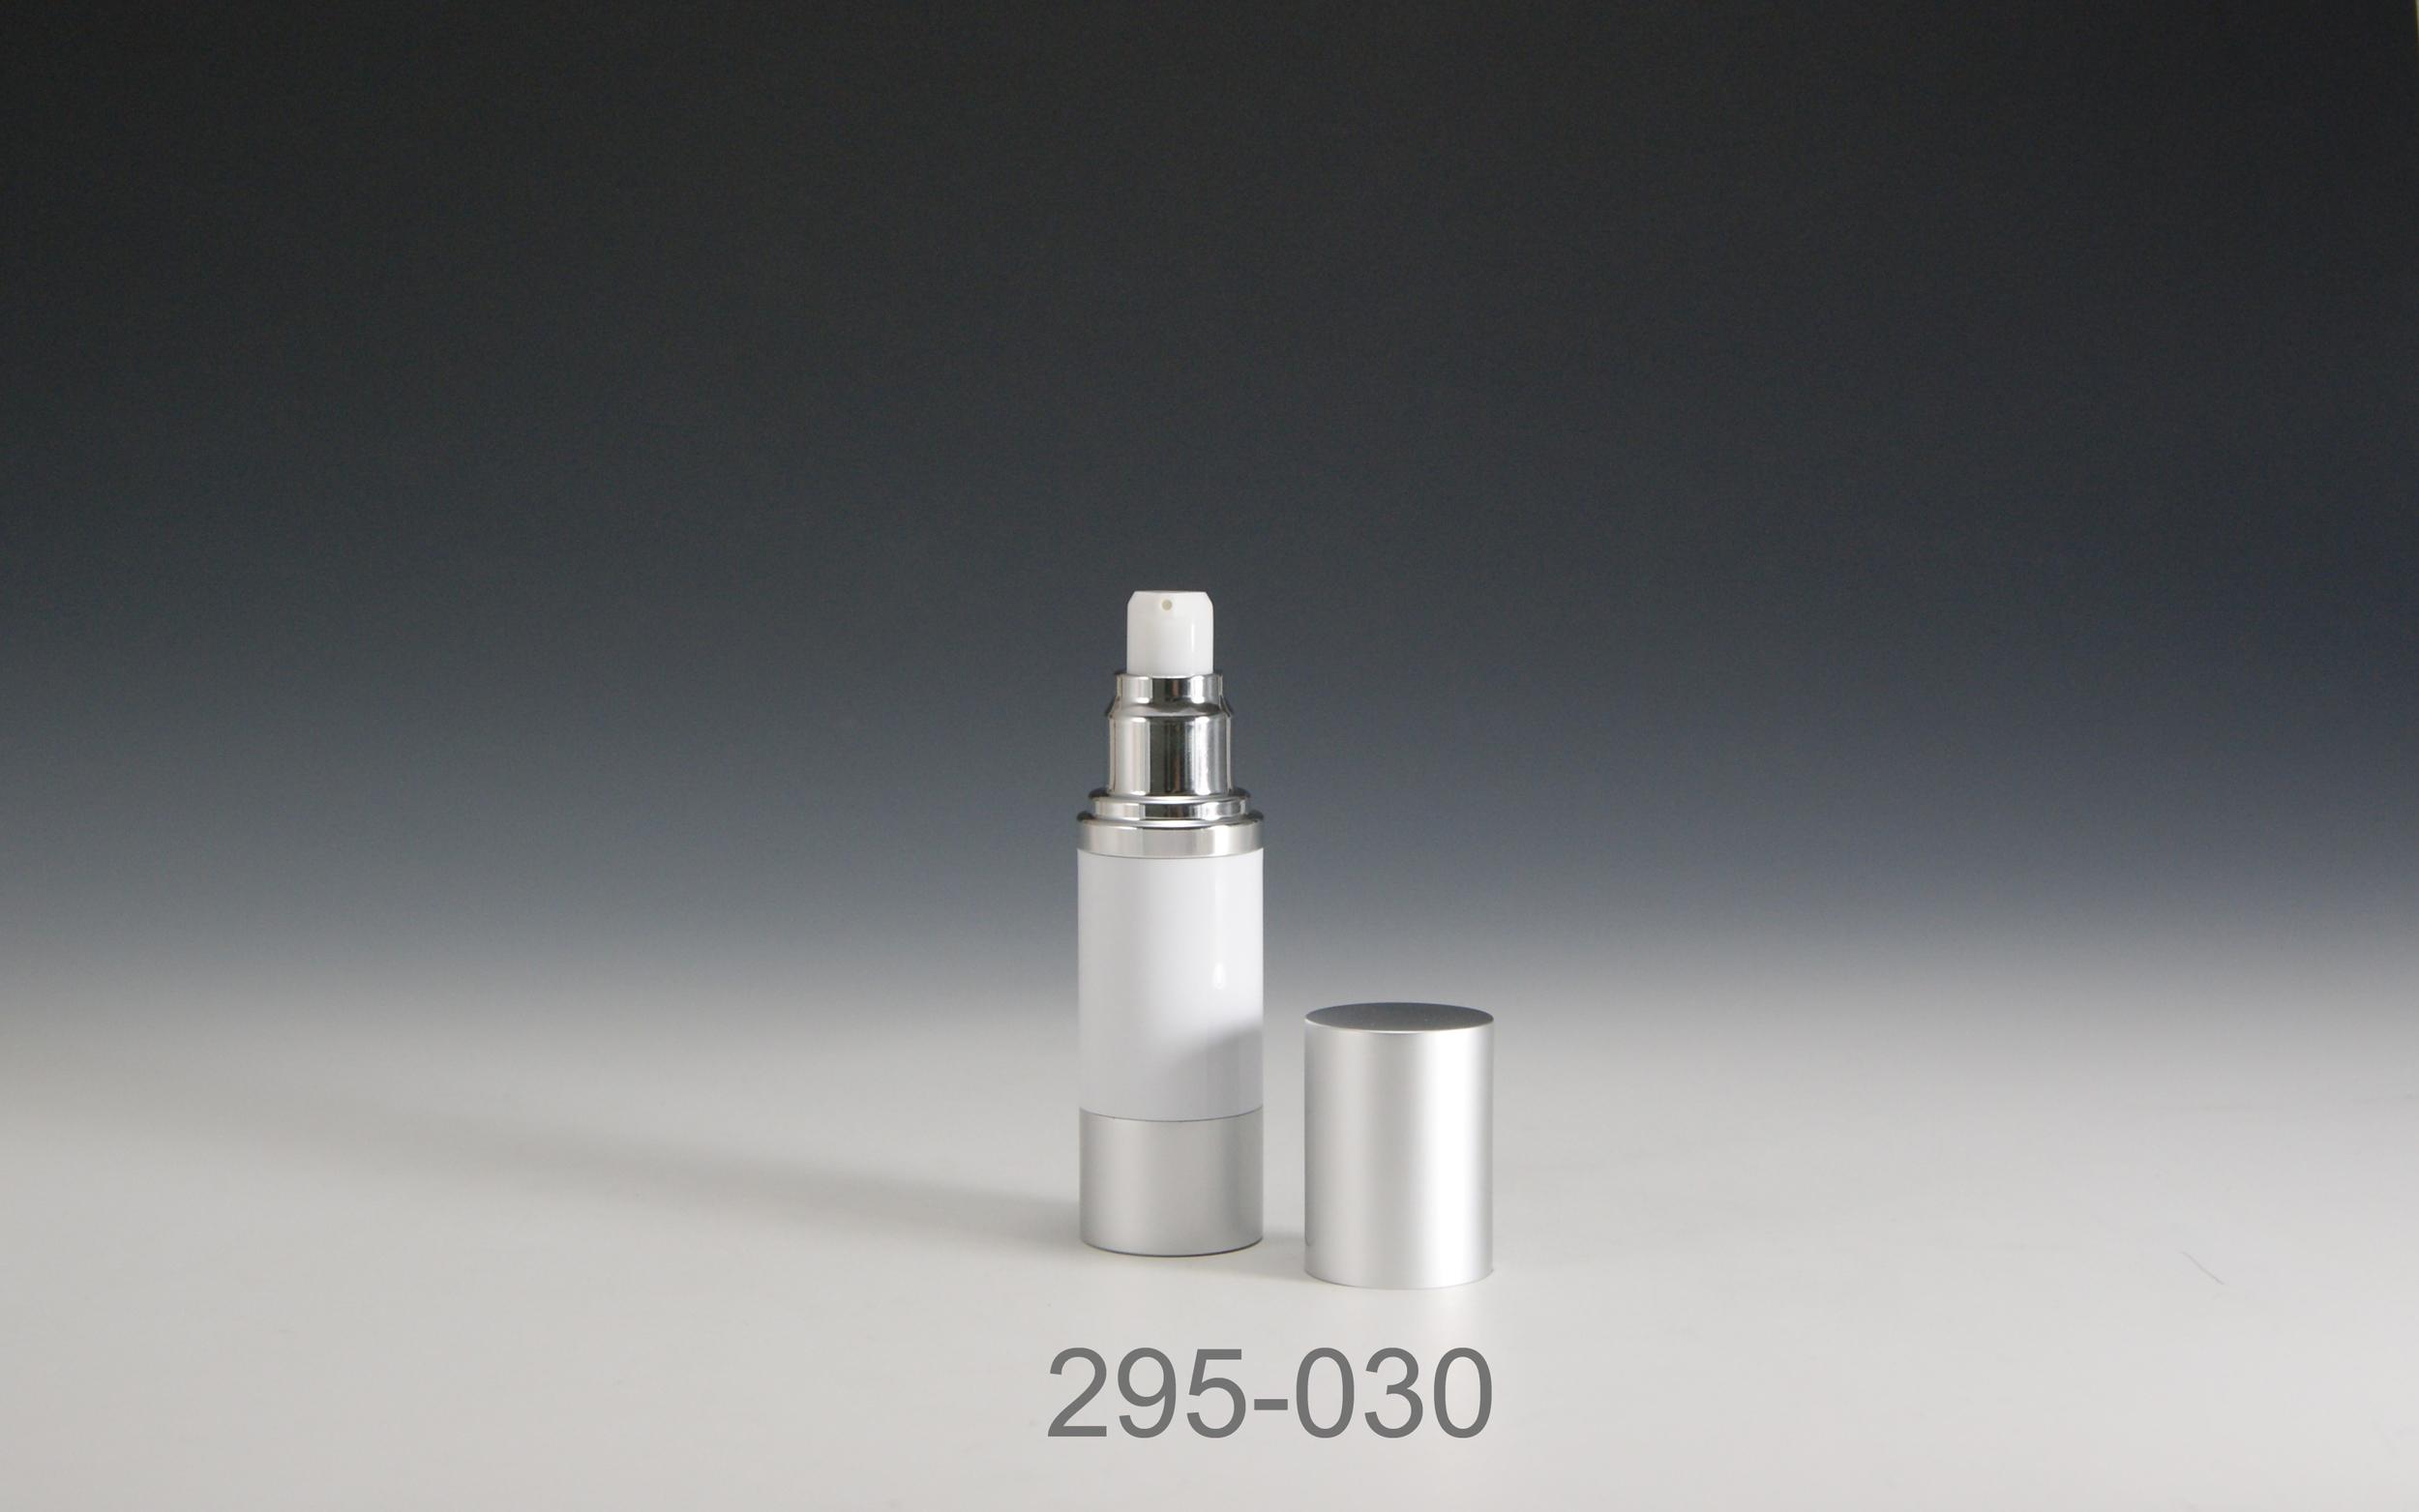 295-030.jpg